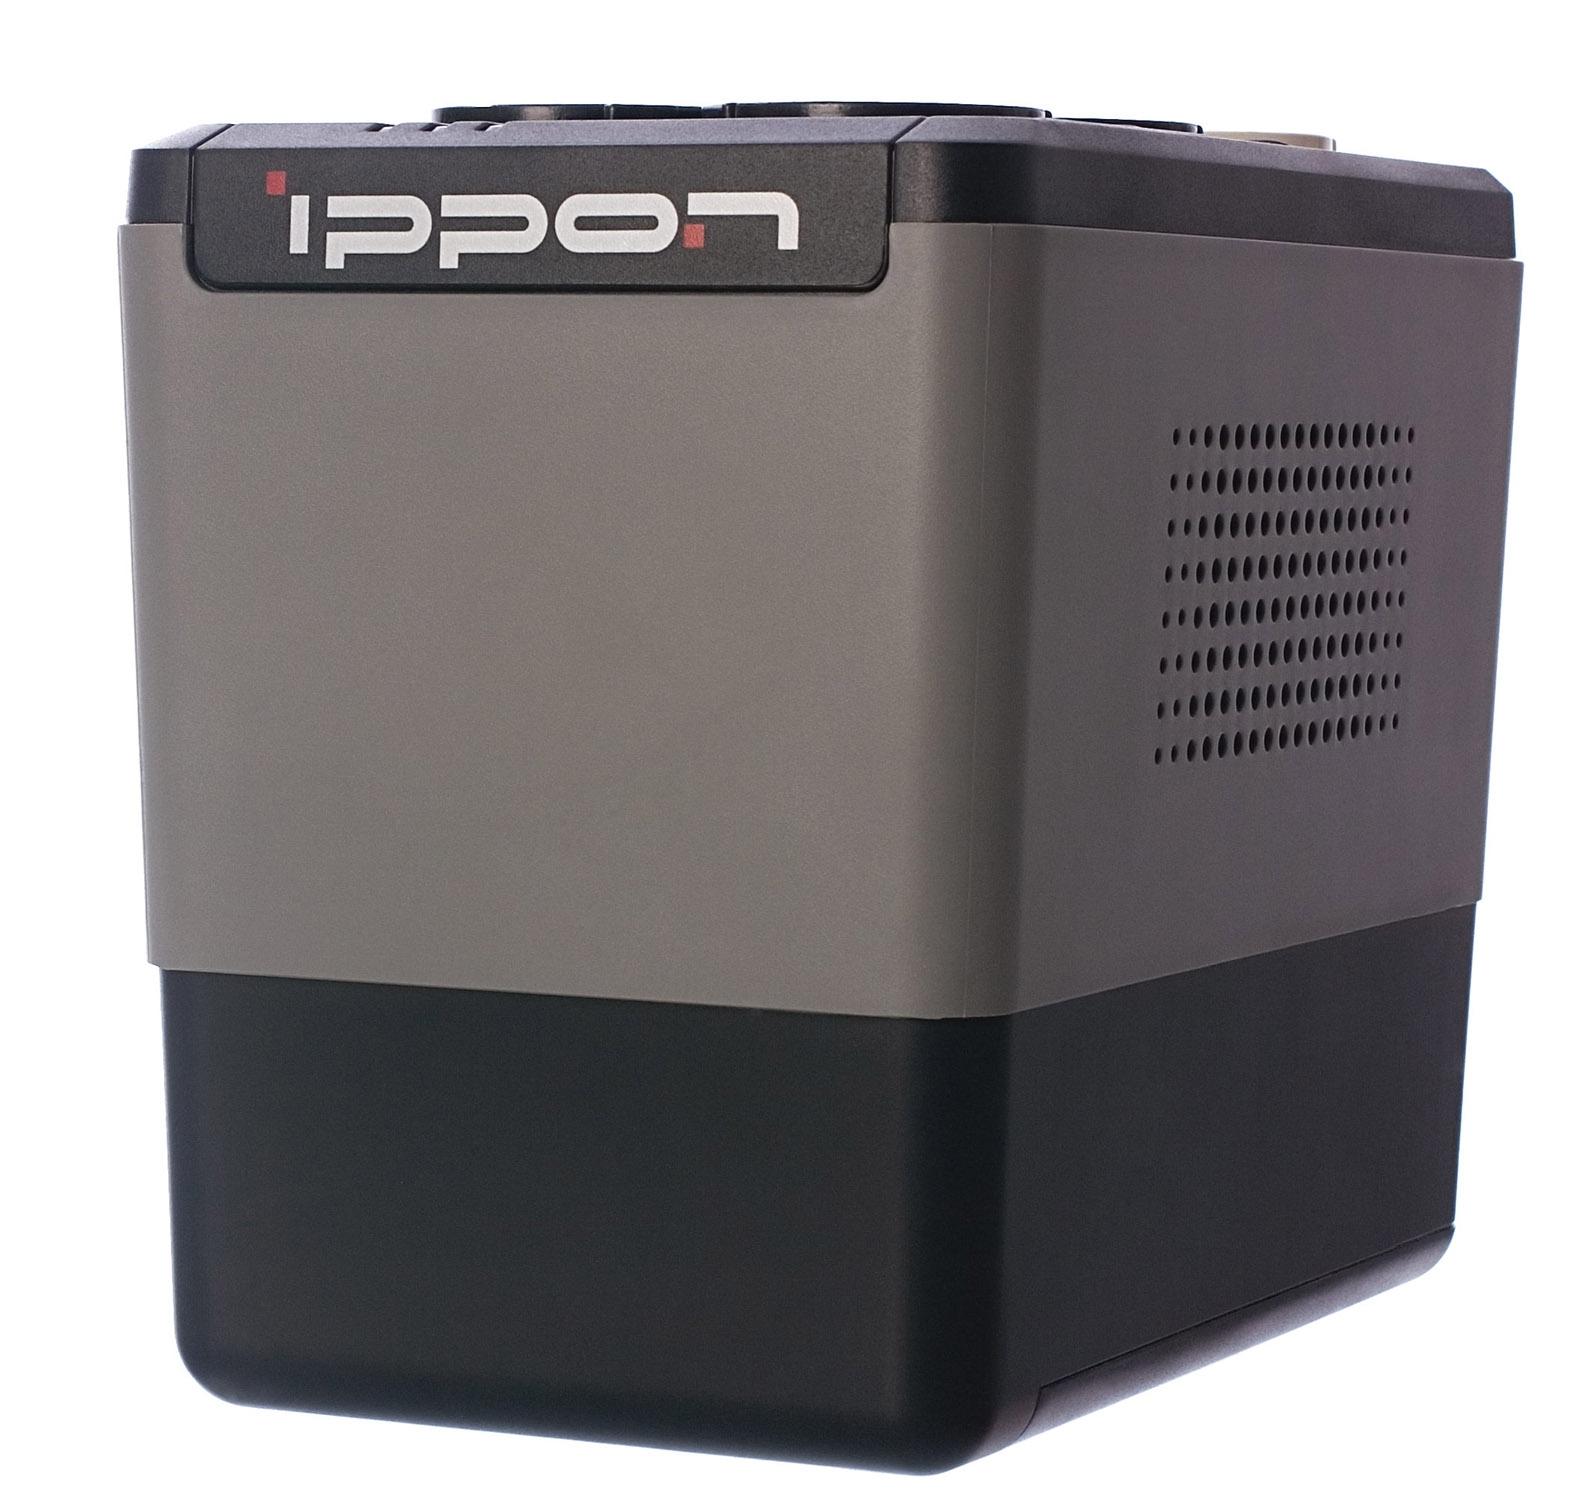 Источник бесперебойного питания Ippon Back Verso 400, Black источник бесперебойного питания ippon back office 1000